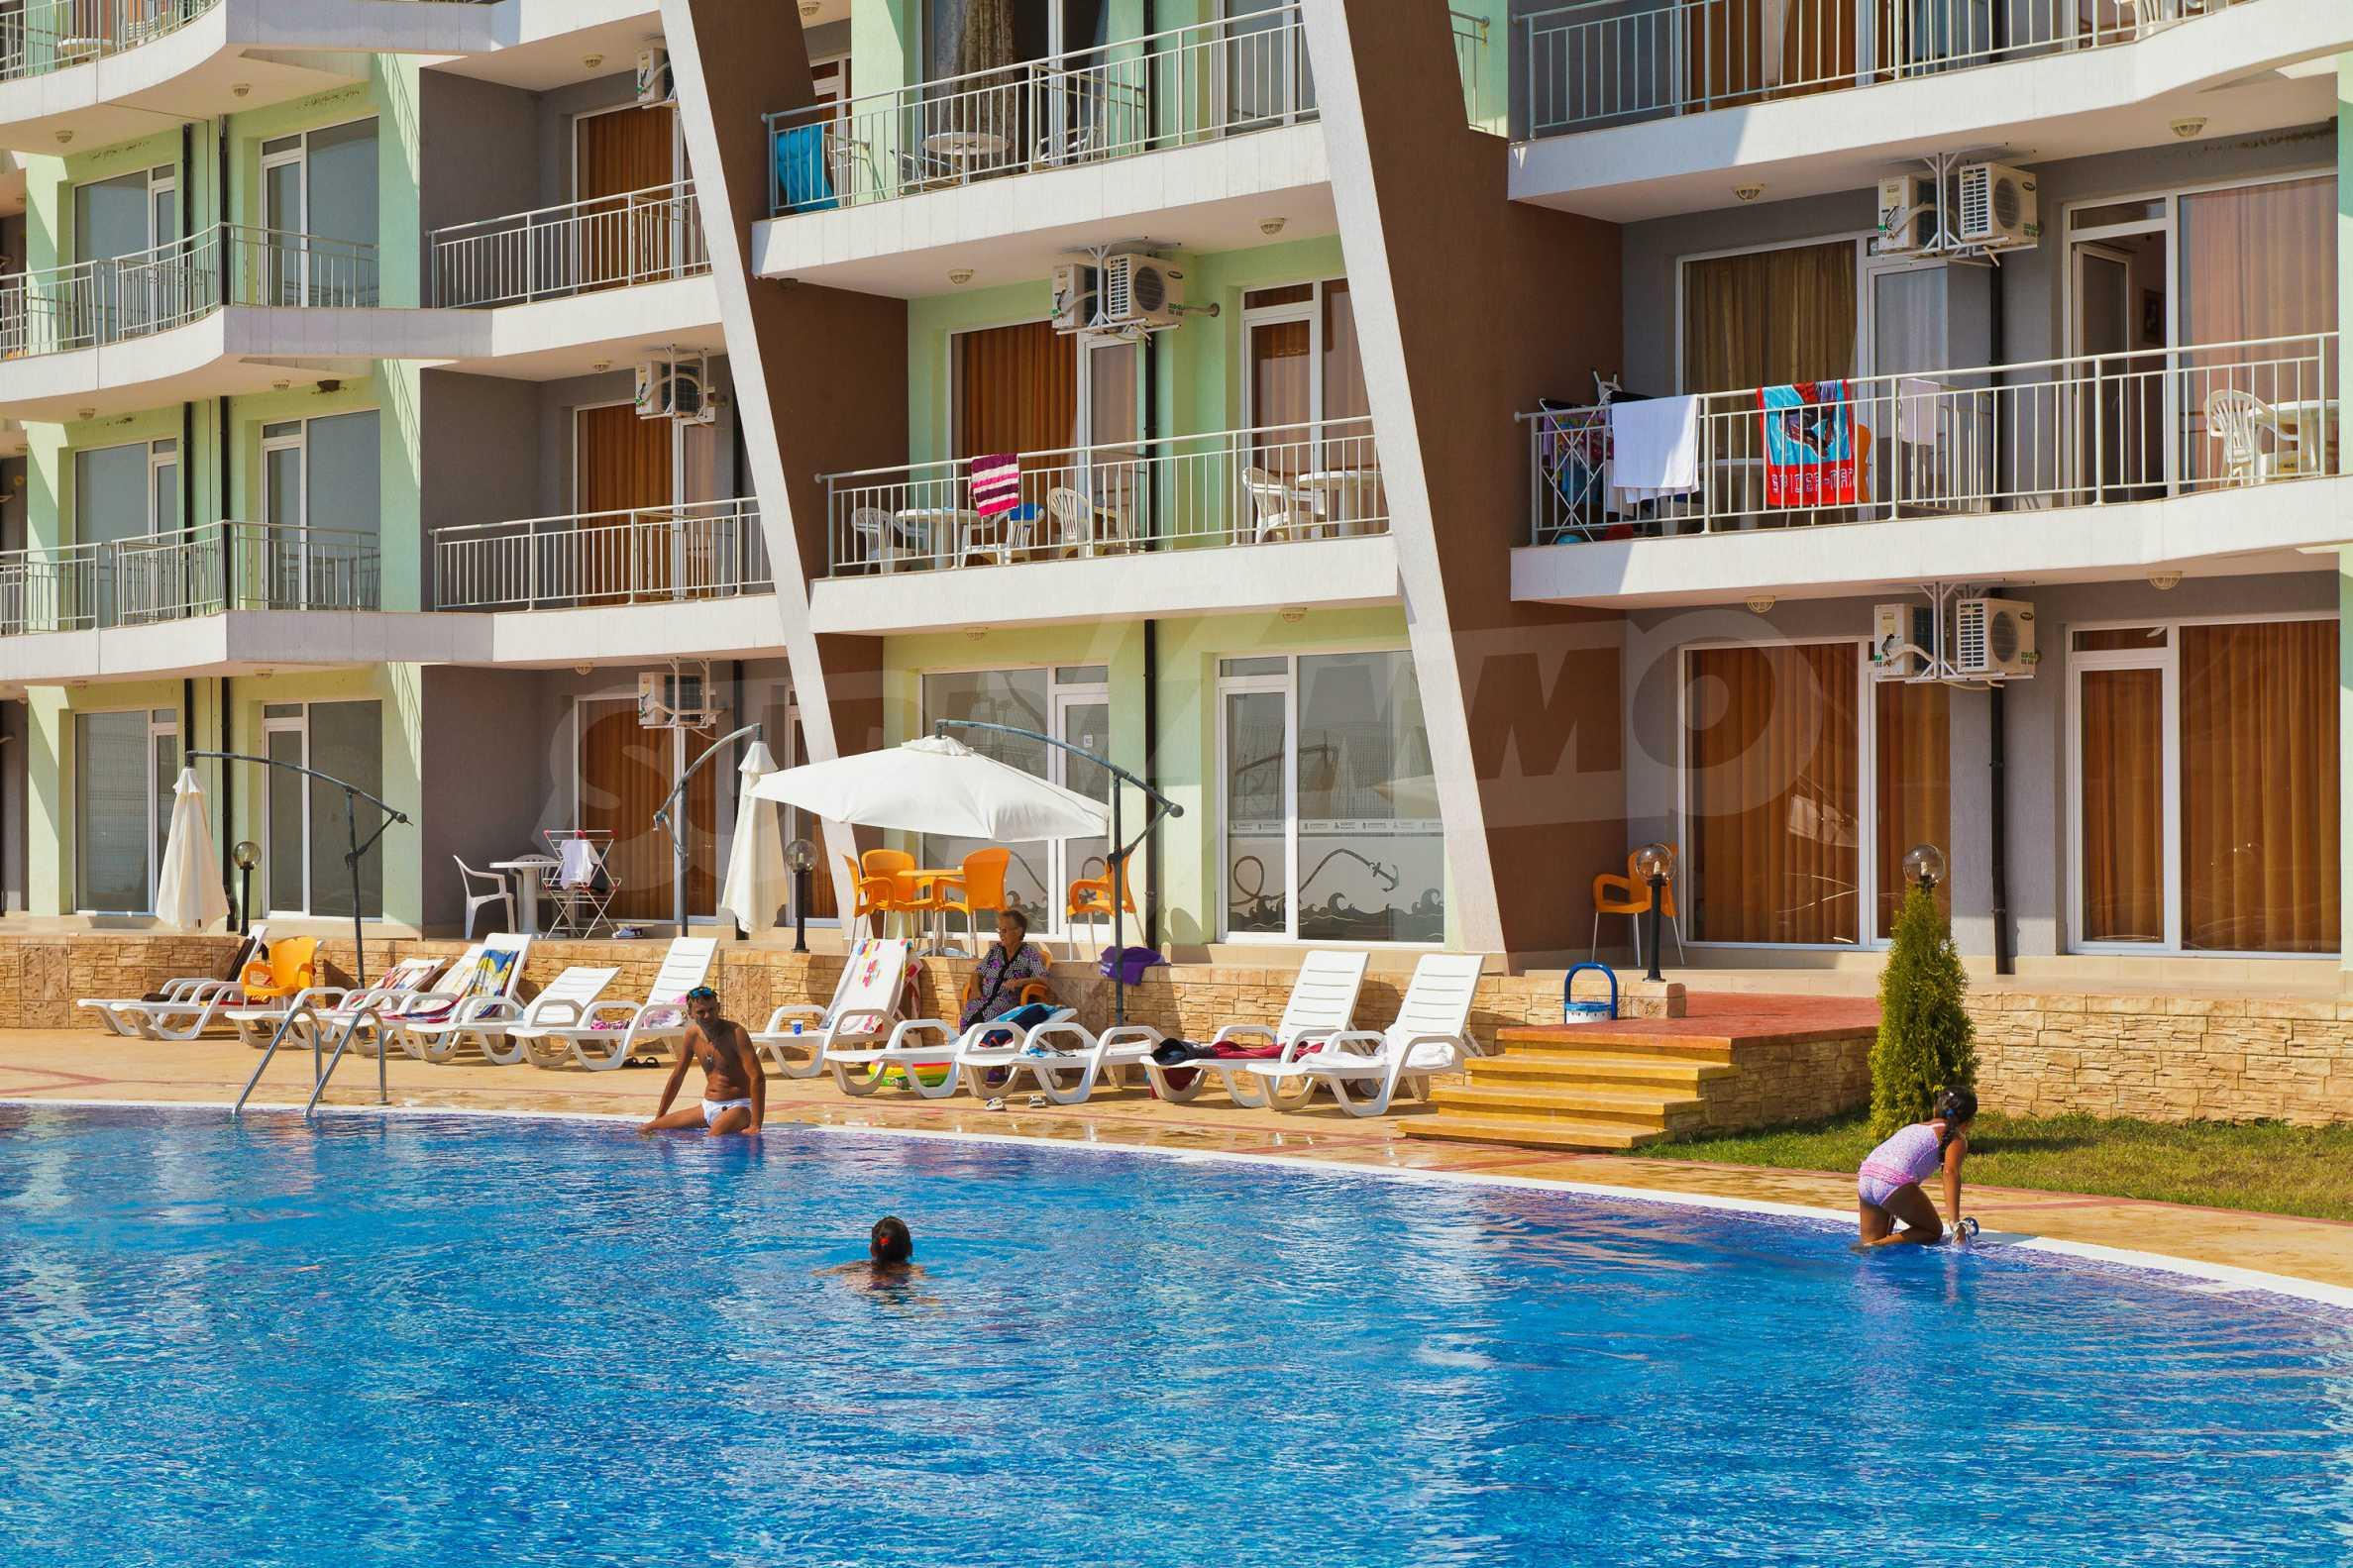 Sunset Kosharitsa - aпартаменти в атрактивен комплекс сред планината и морето, на 5 минути с кола от Слънчев бряг 11